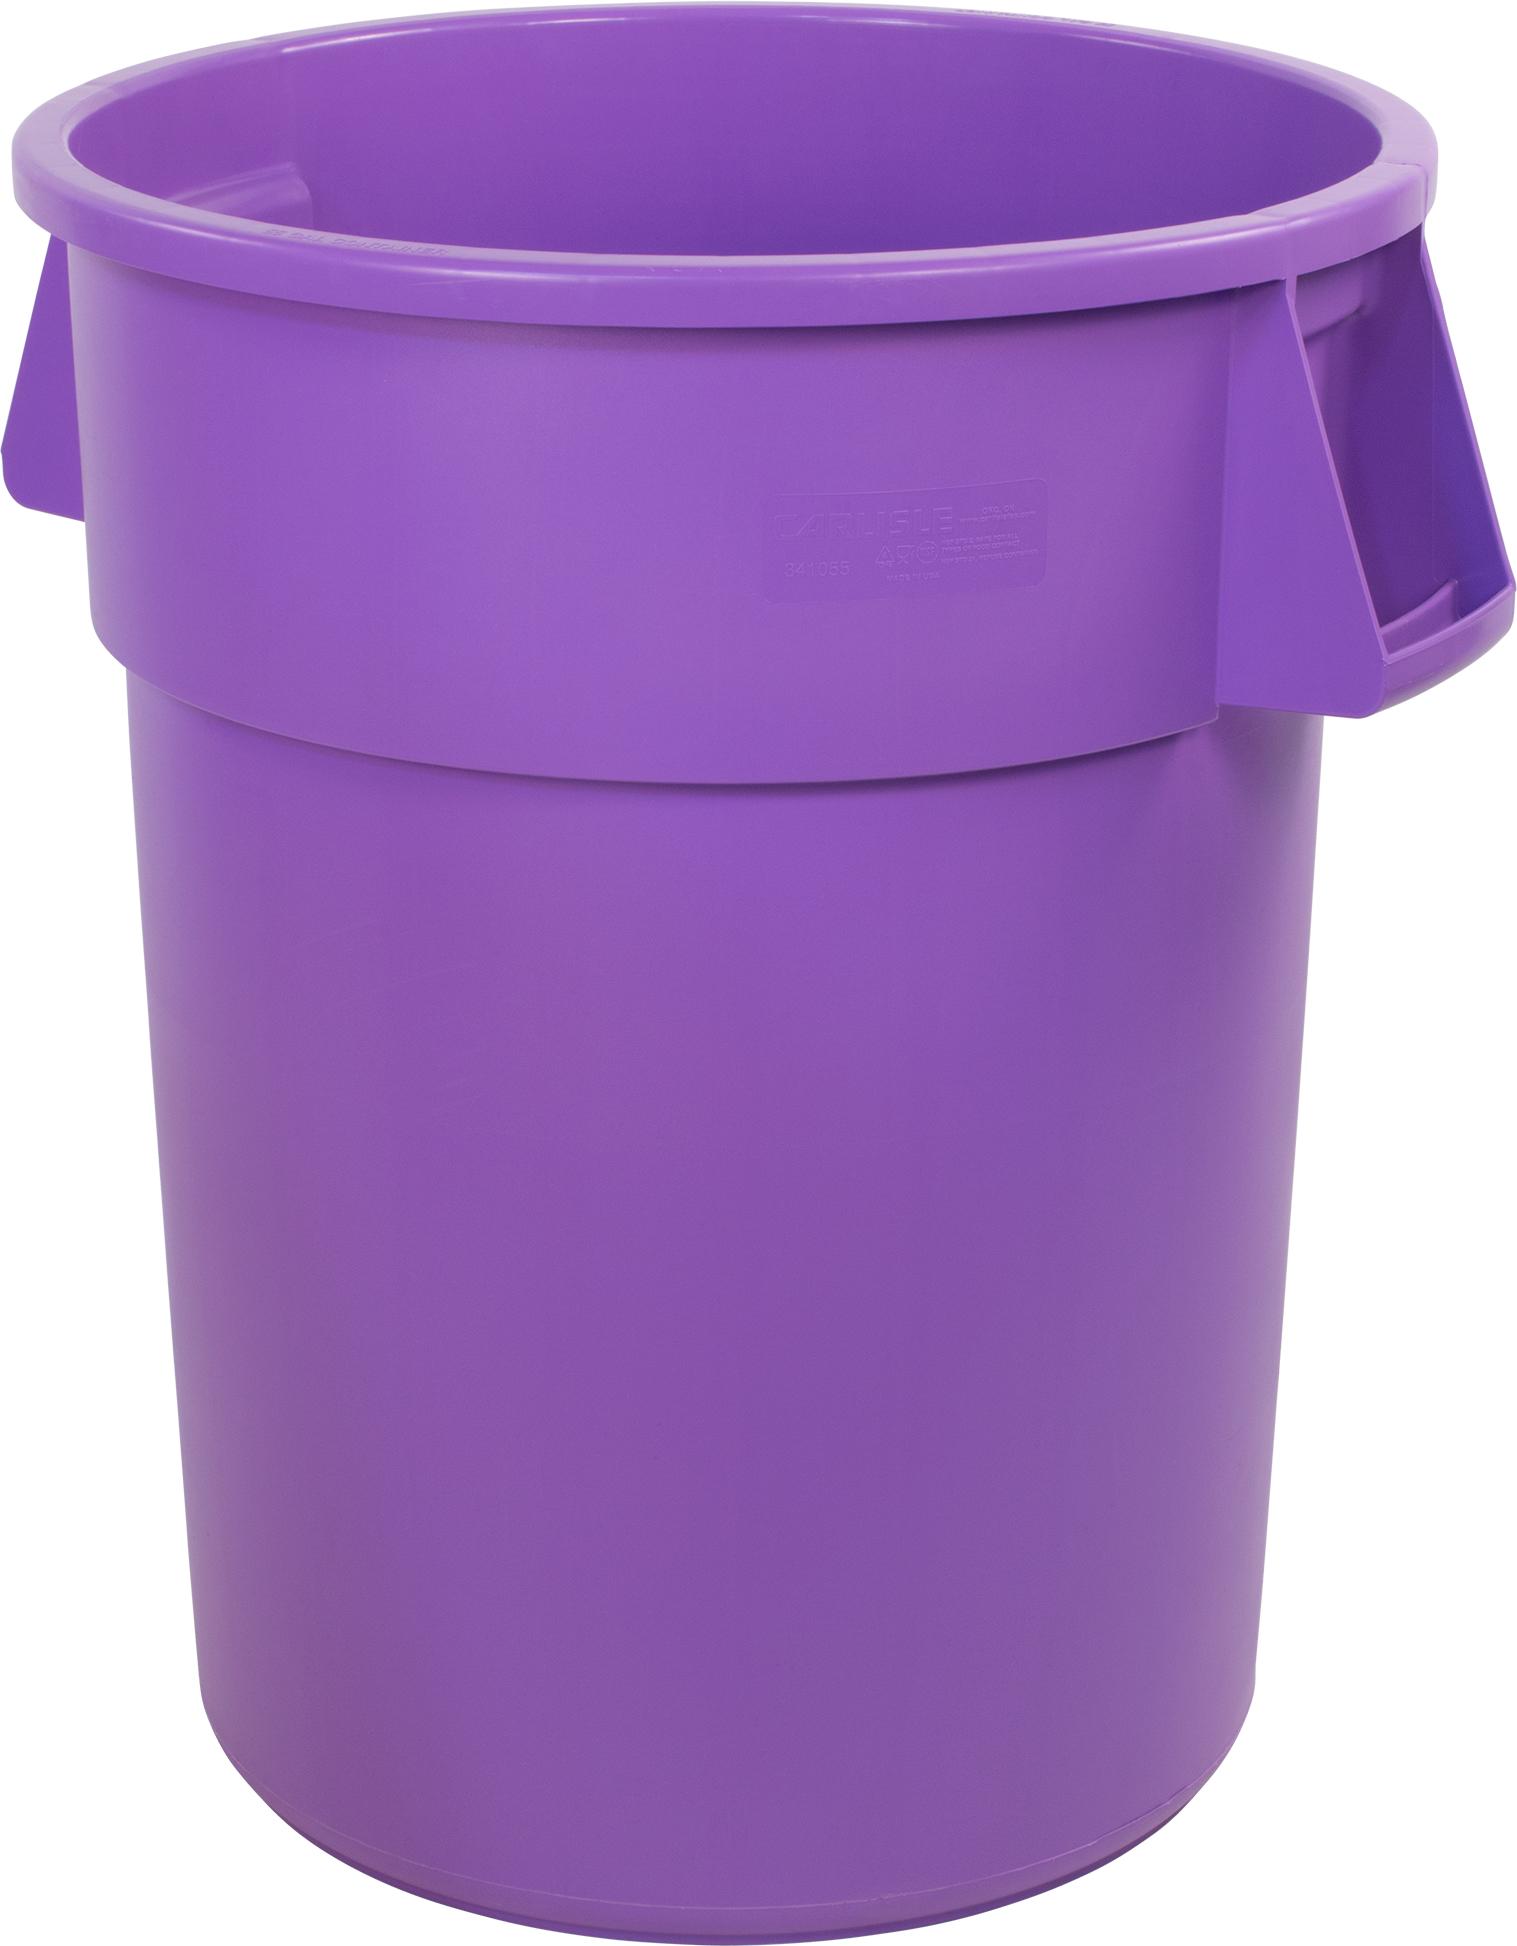 Bronco Round Waste Bin Trash Container 44 Gallon - Purple